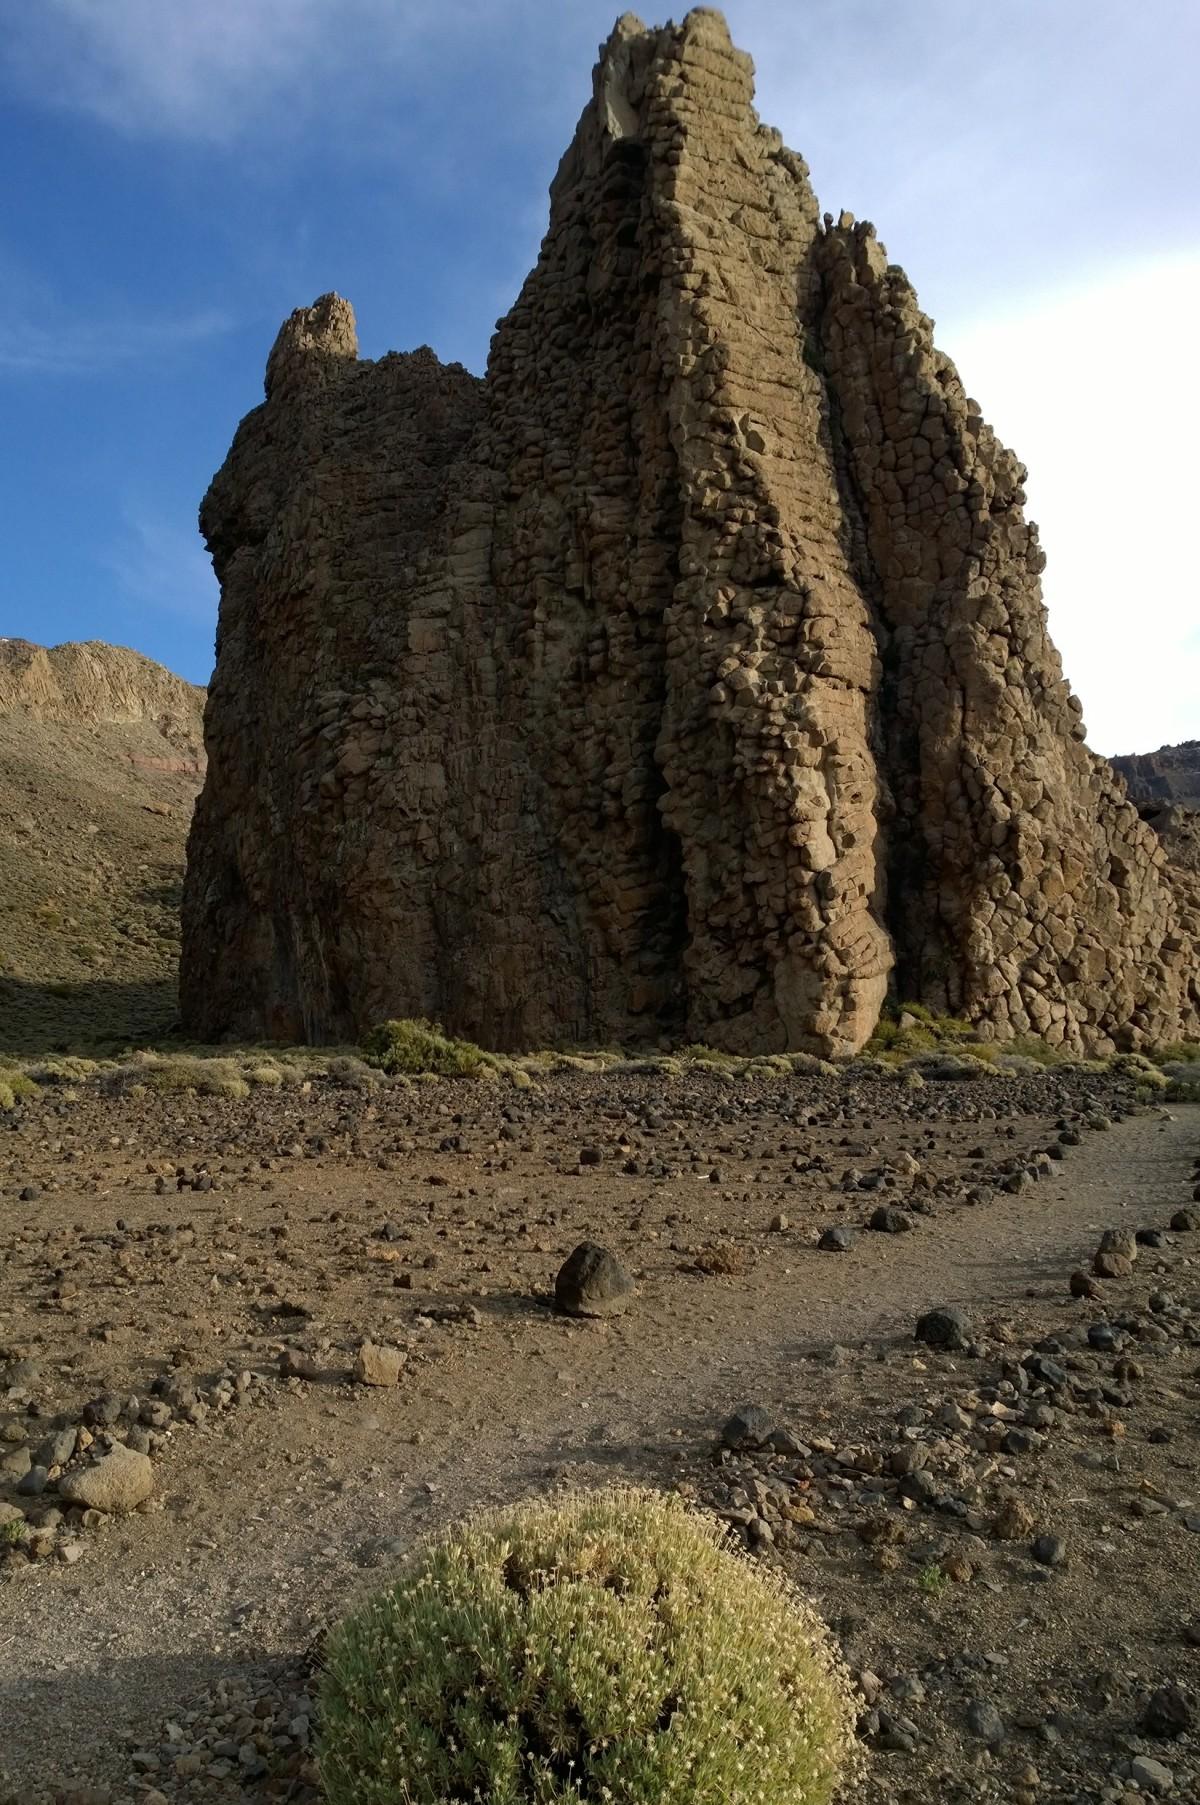 Teide National Park roques de garcia_20170111_17_17_56_pro